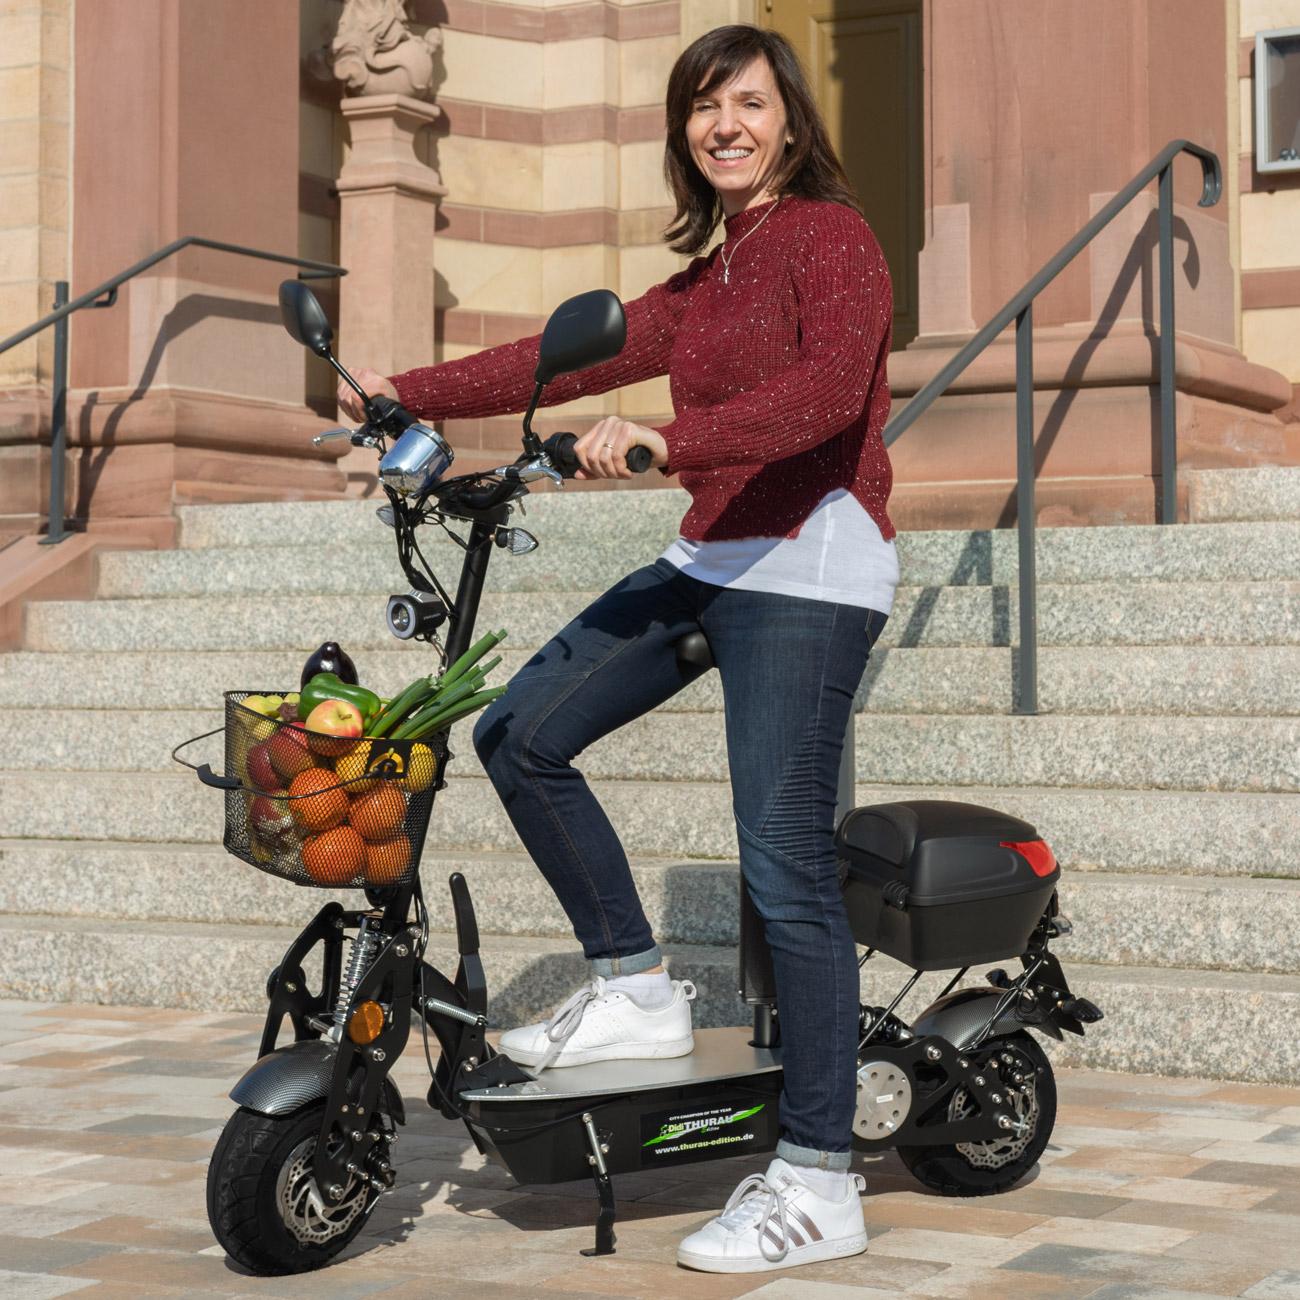 Der Elektro-Scooter bietet genügend Stauraum für den täglichen Einkauf.